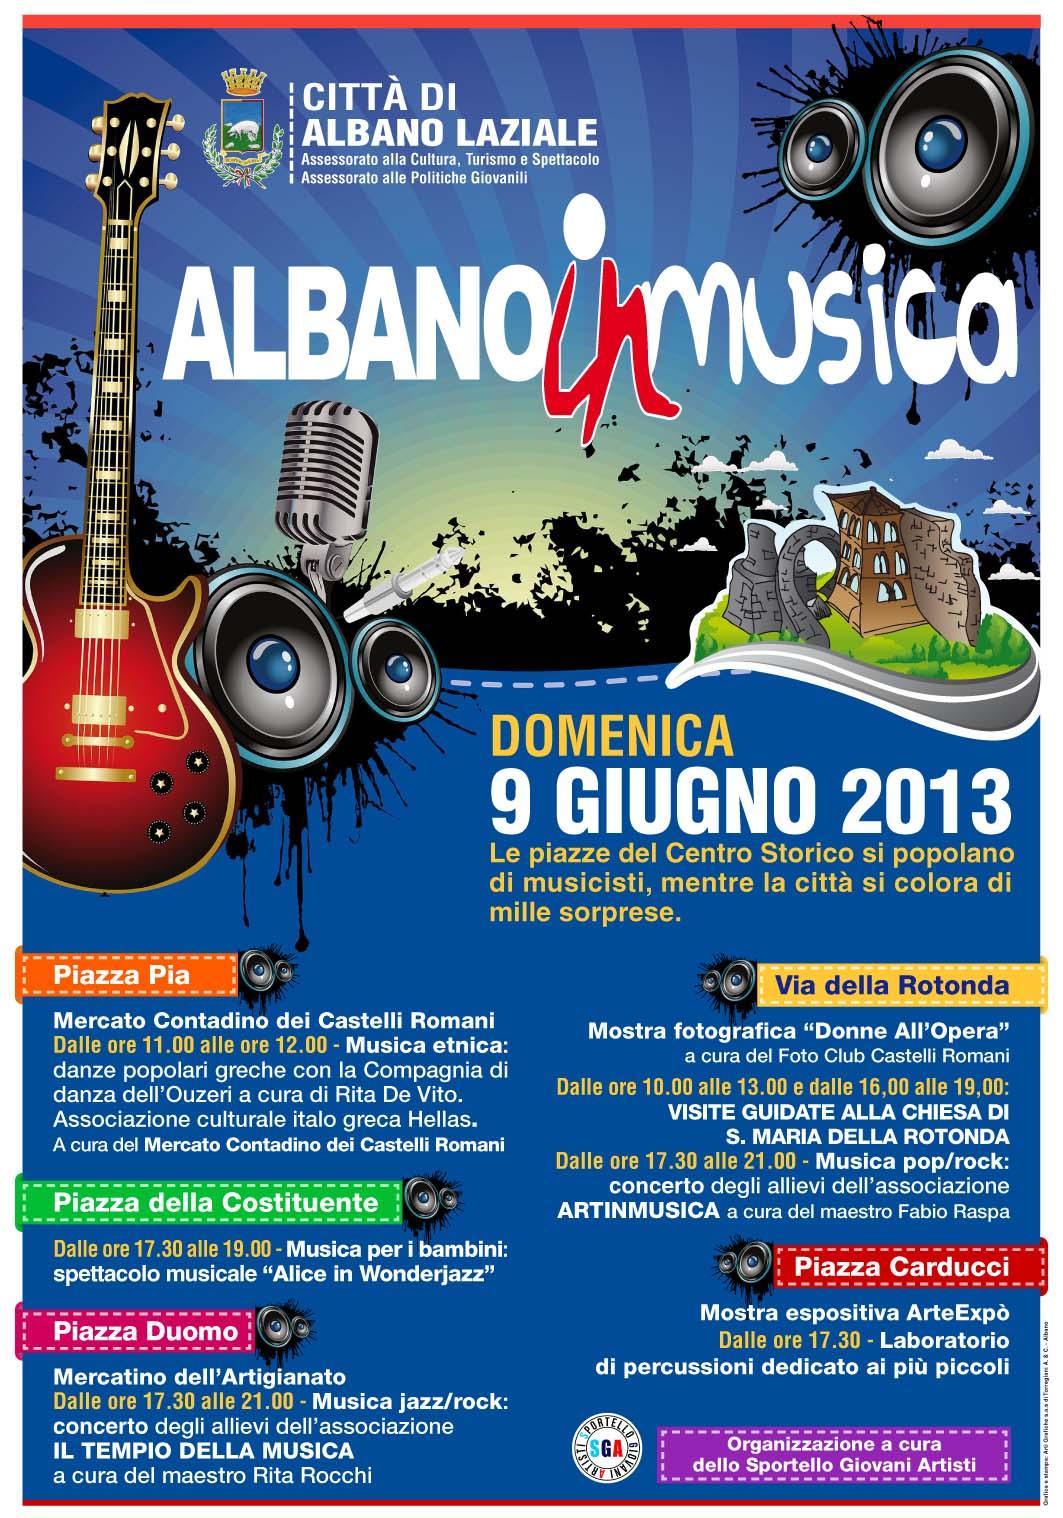 albano in musica 9 giugno 2013